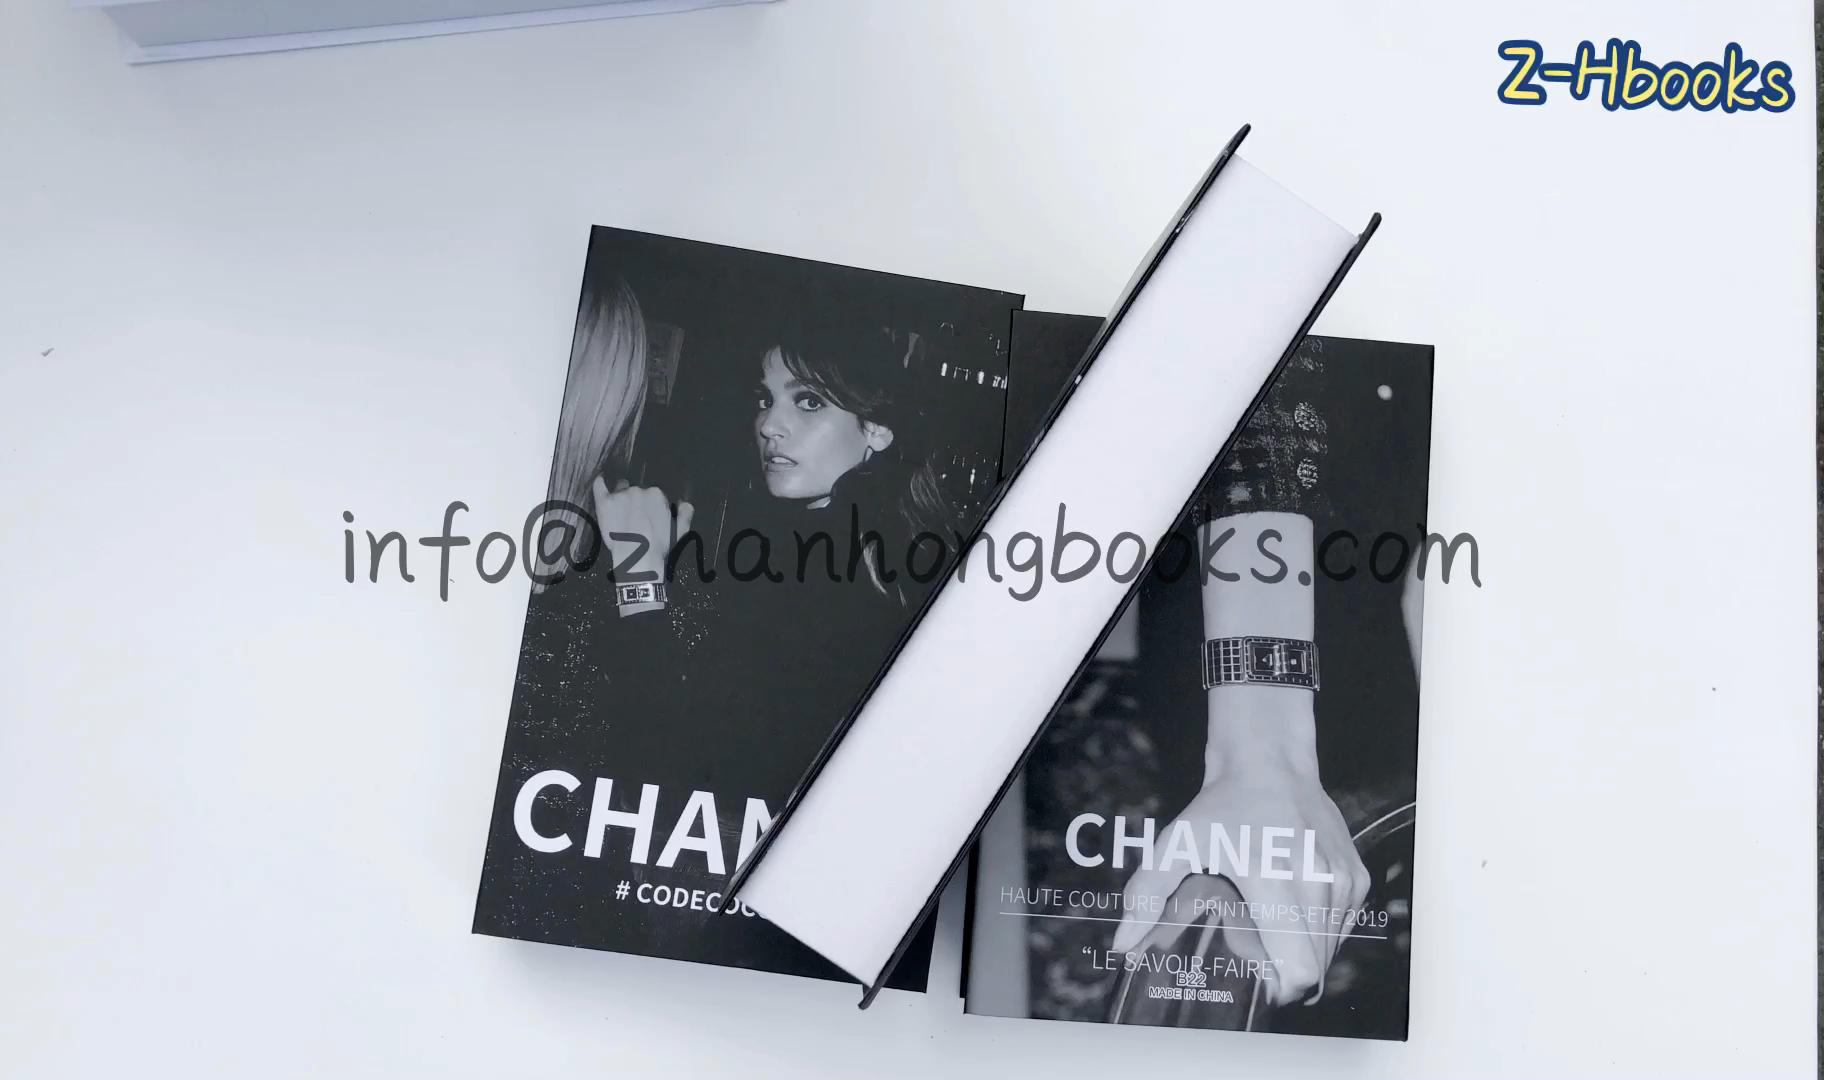 חם למכור מזויף ספר עבור מותגים סגנון ורבים סגנון בשבילך לבחור